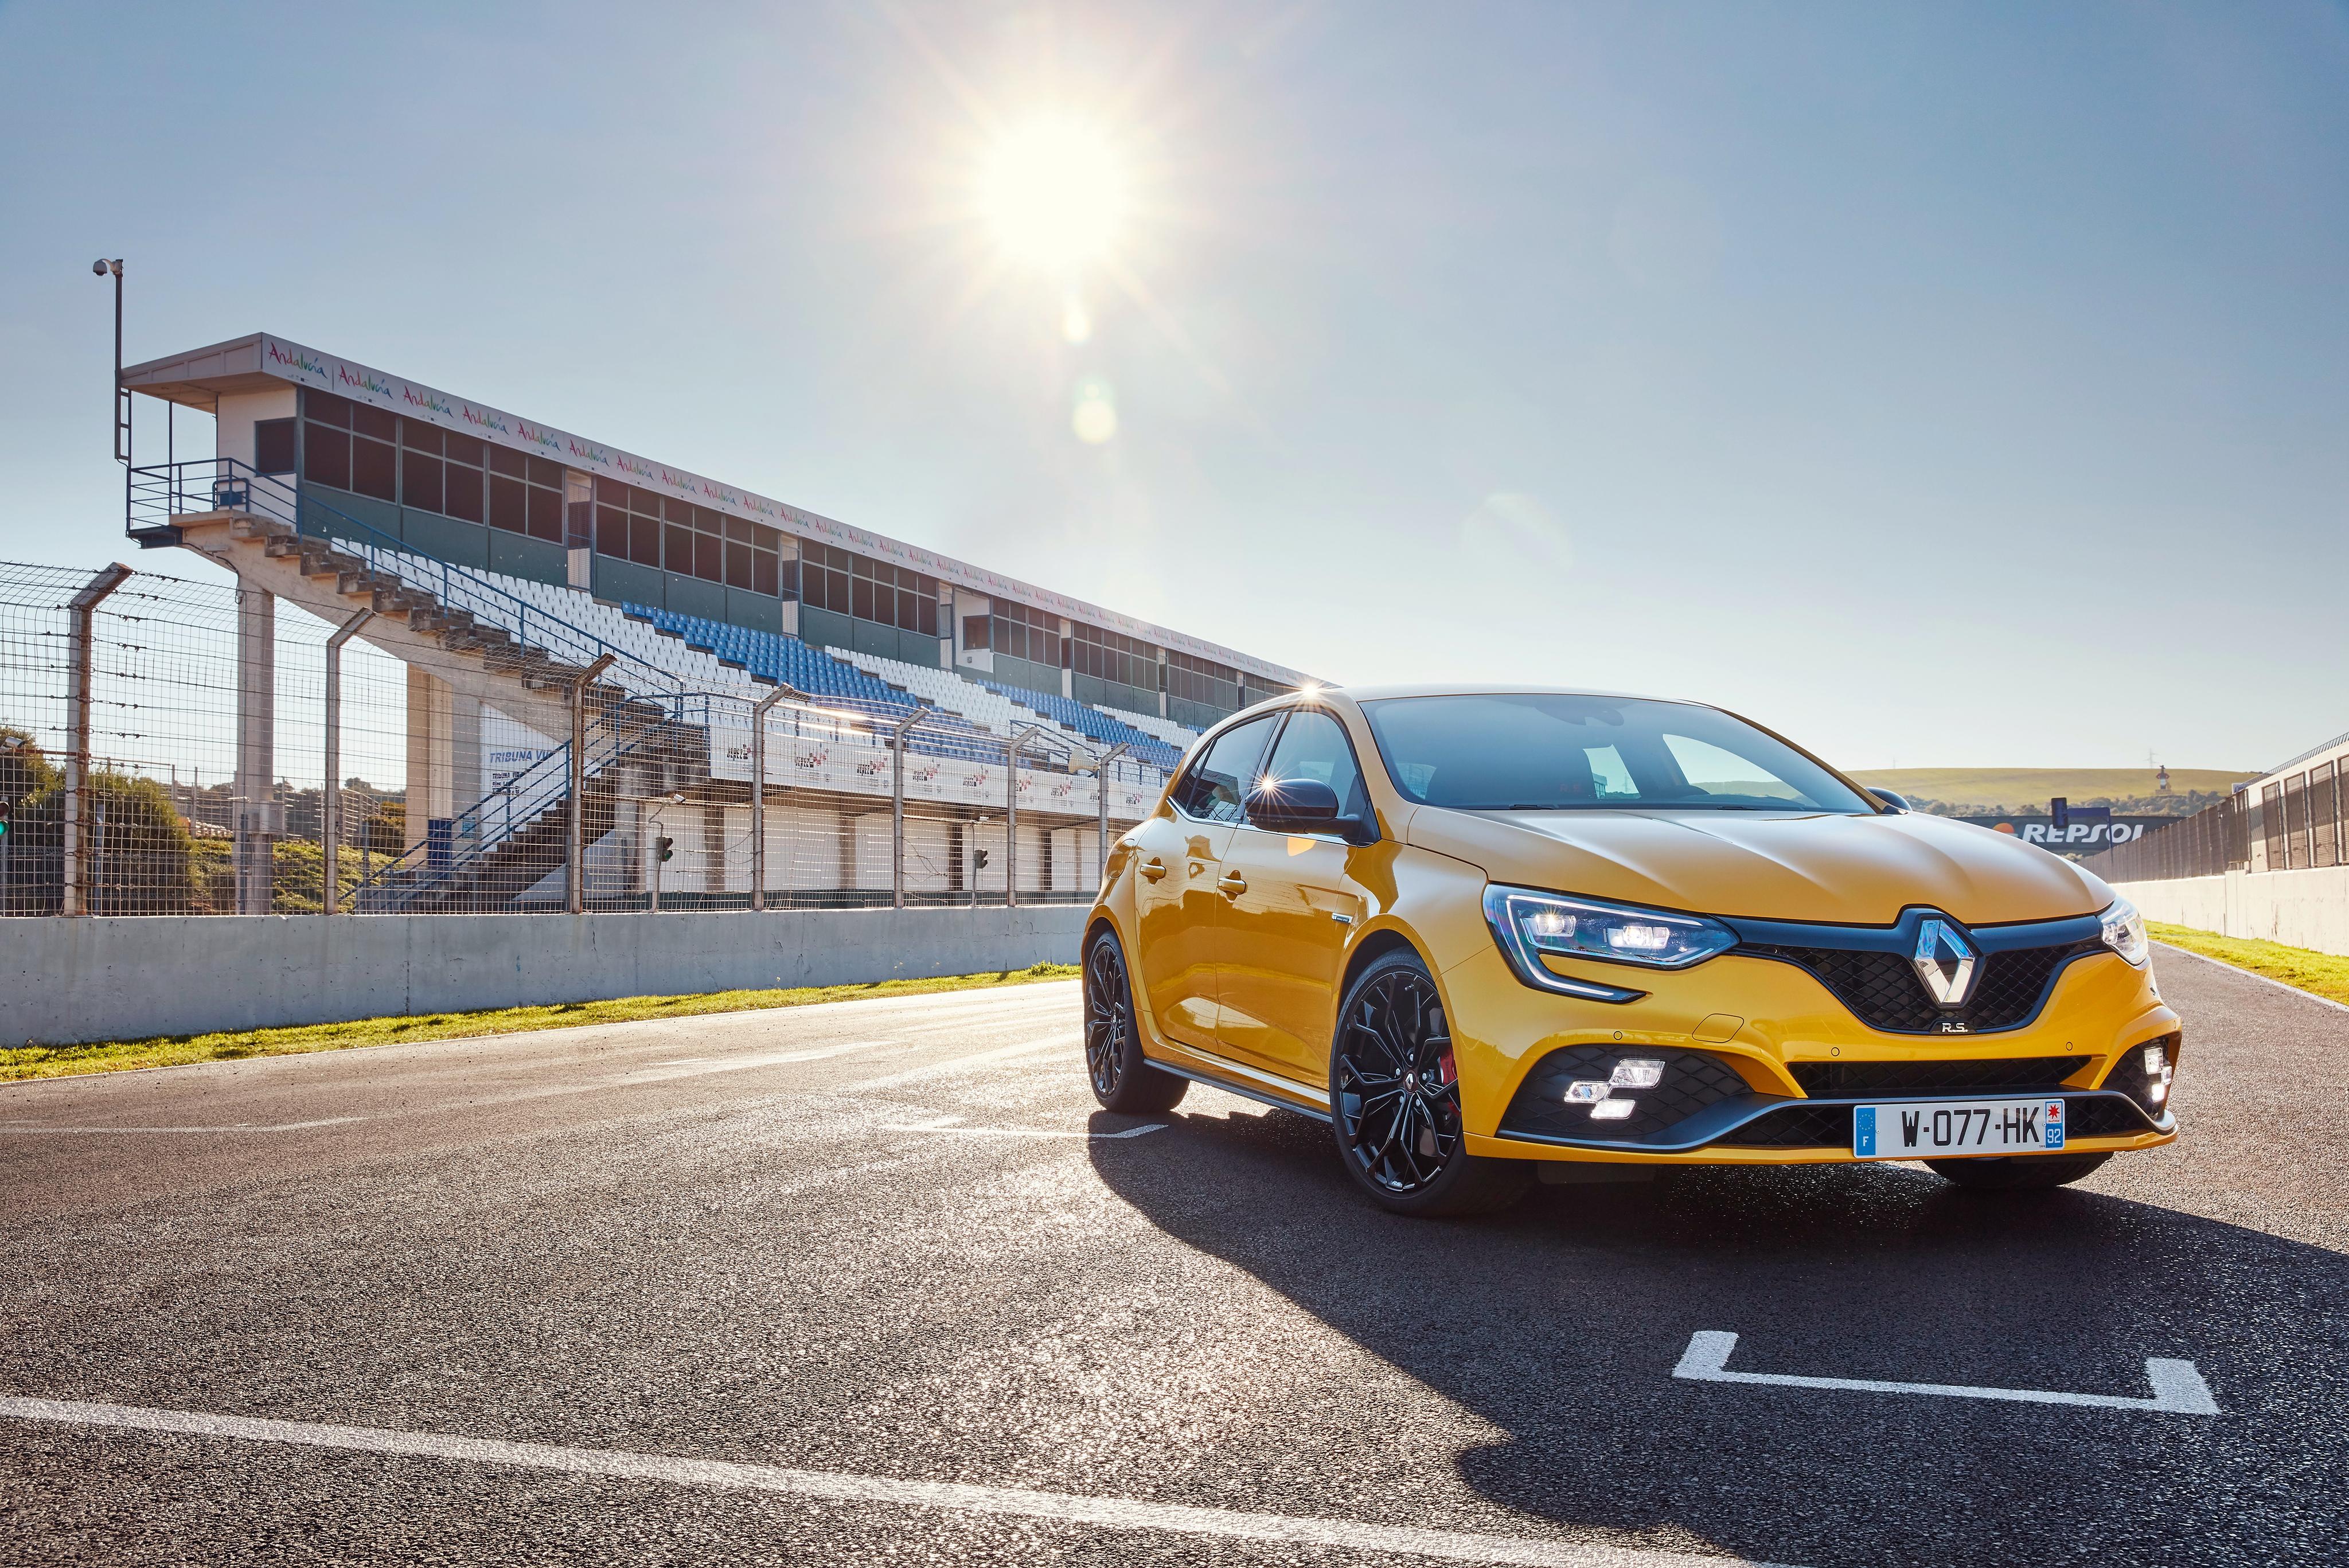 Renault Megane R.S. hot hatch